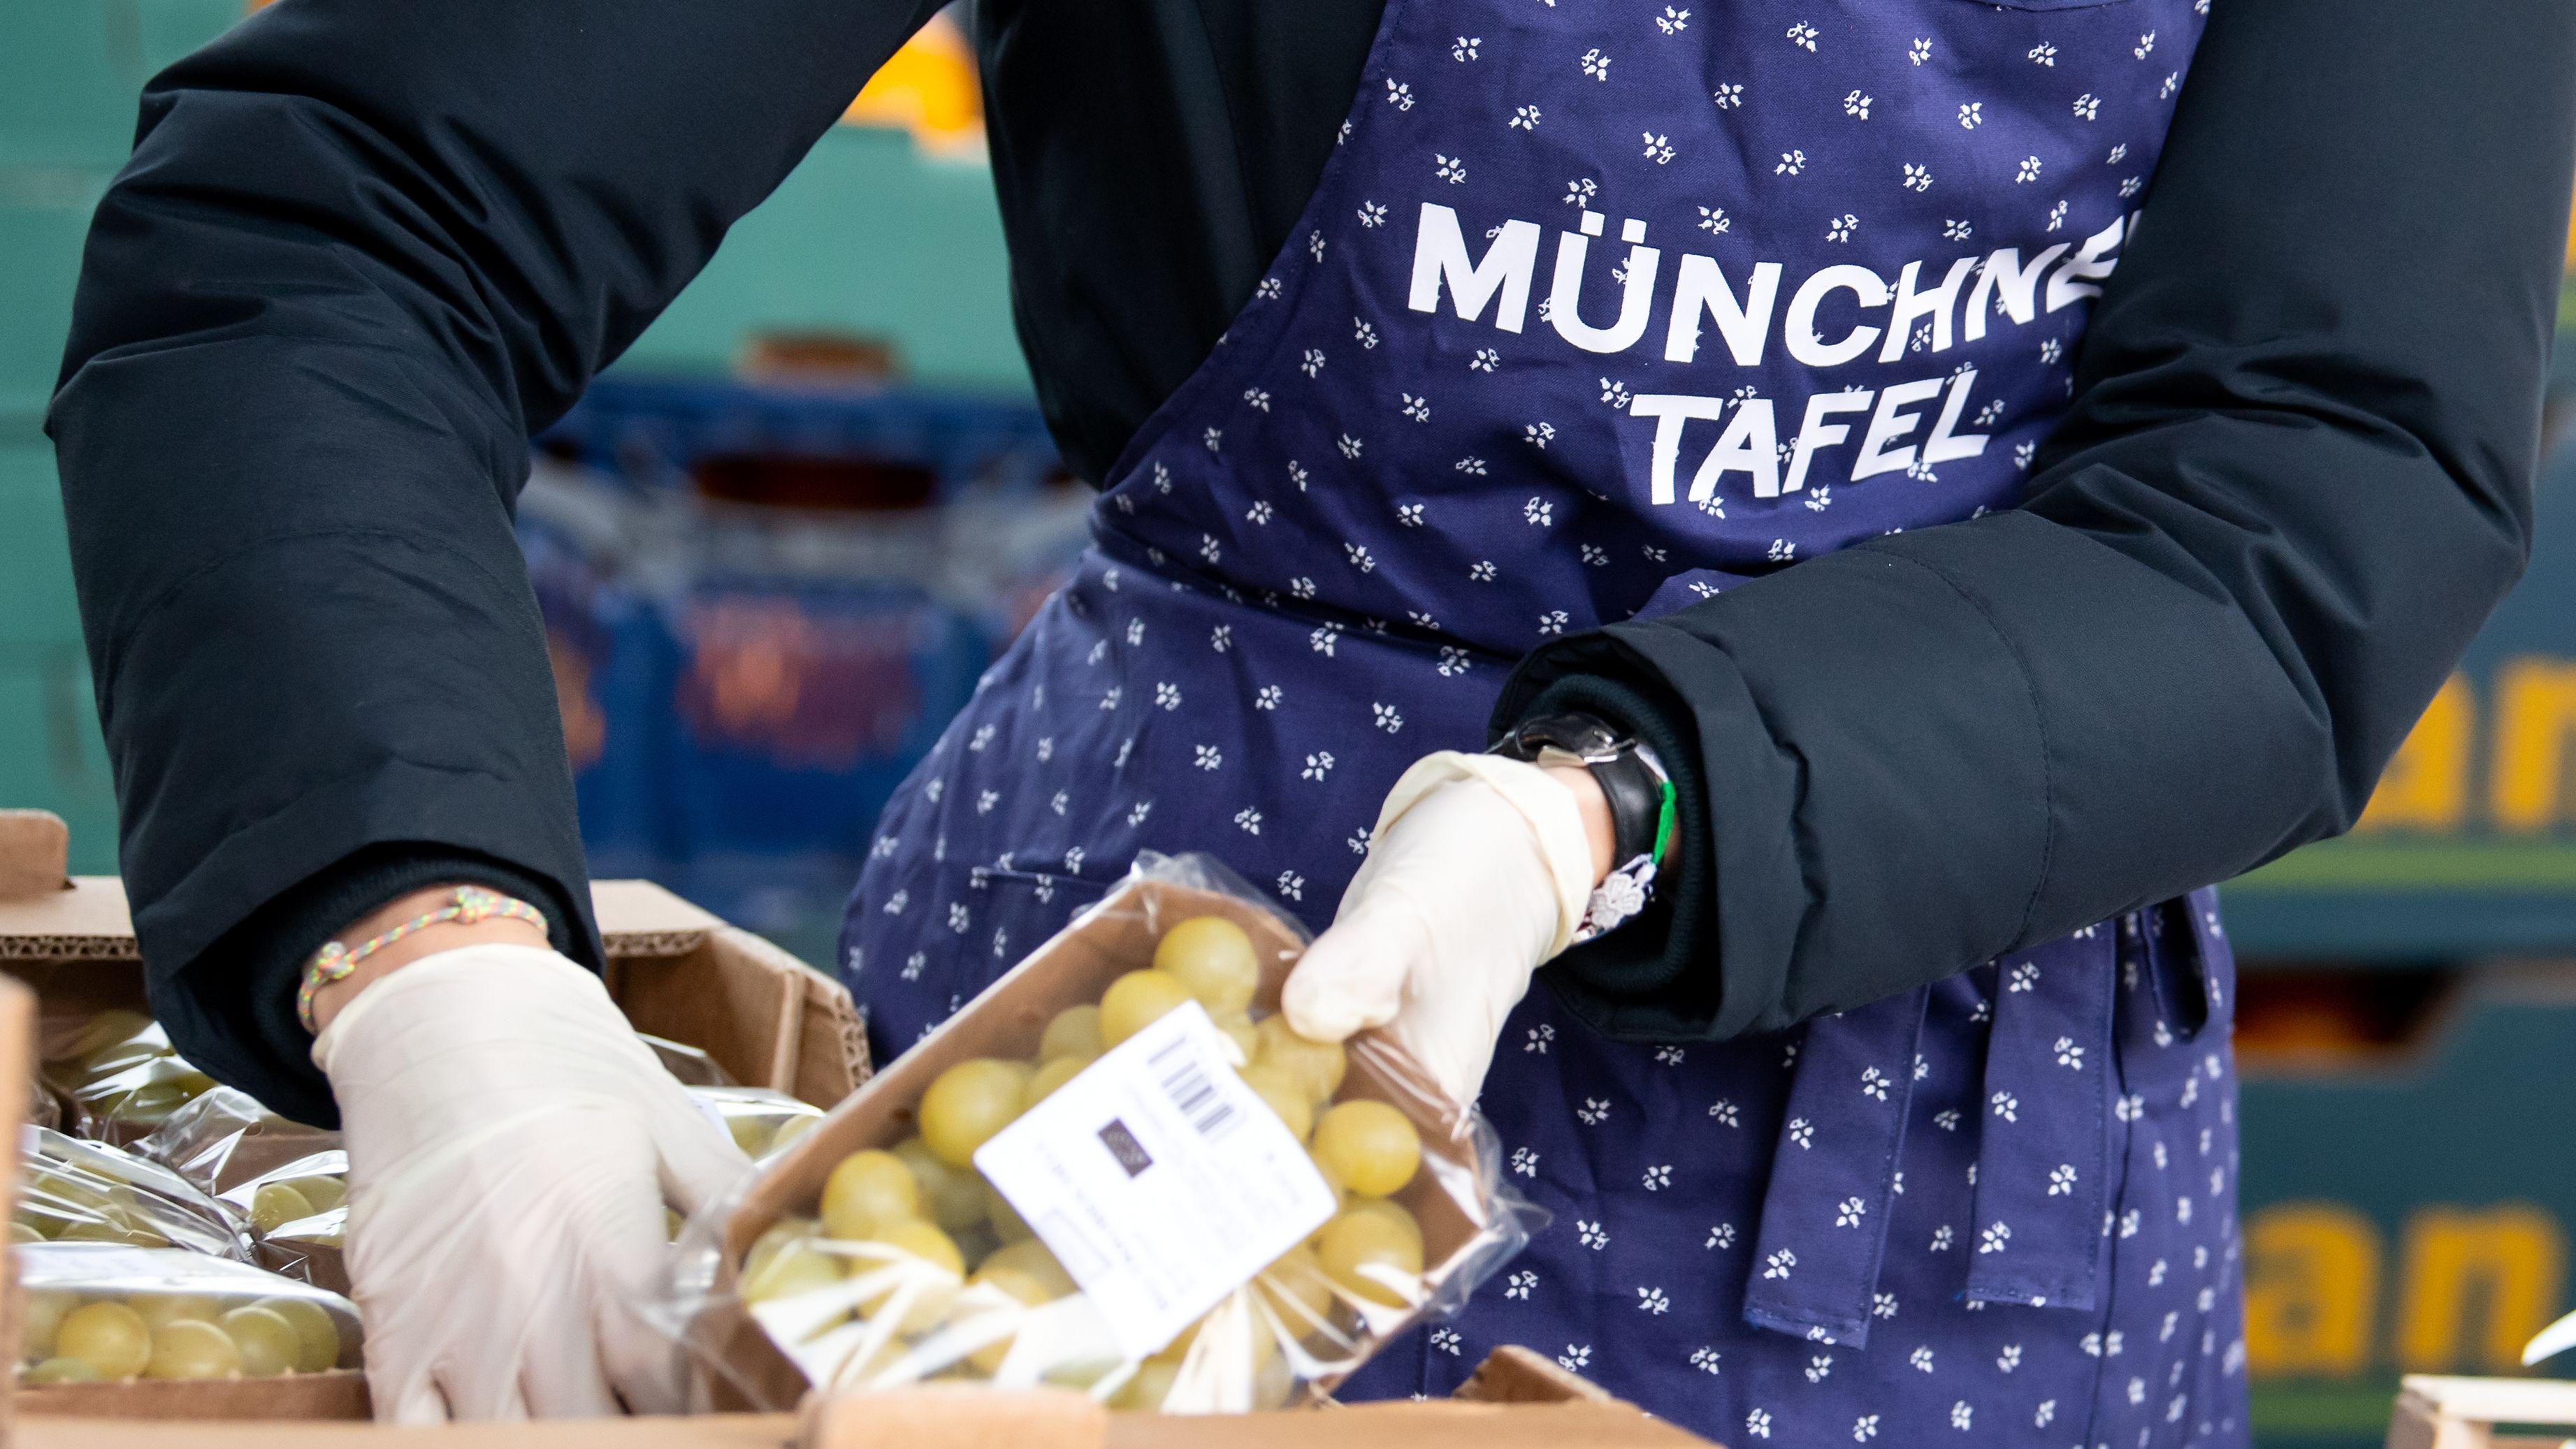 Ehrenamtliche Helfer der Münchner Tafel sortieren an der Ausgabestelle am Großmarkt Lebensmittel für die Gäste